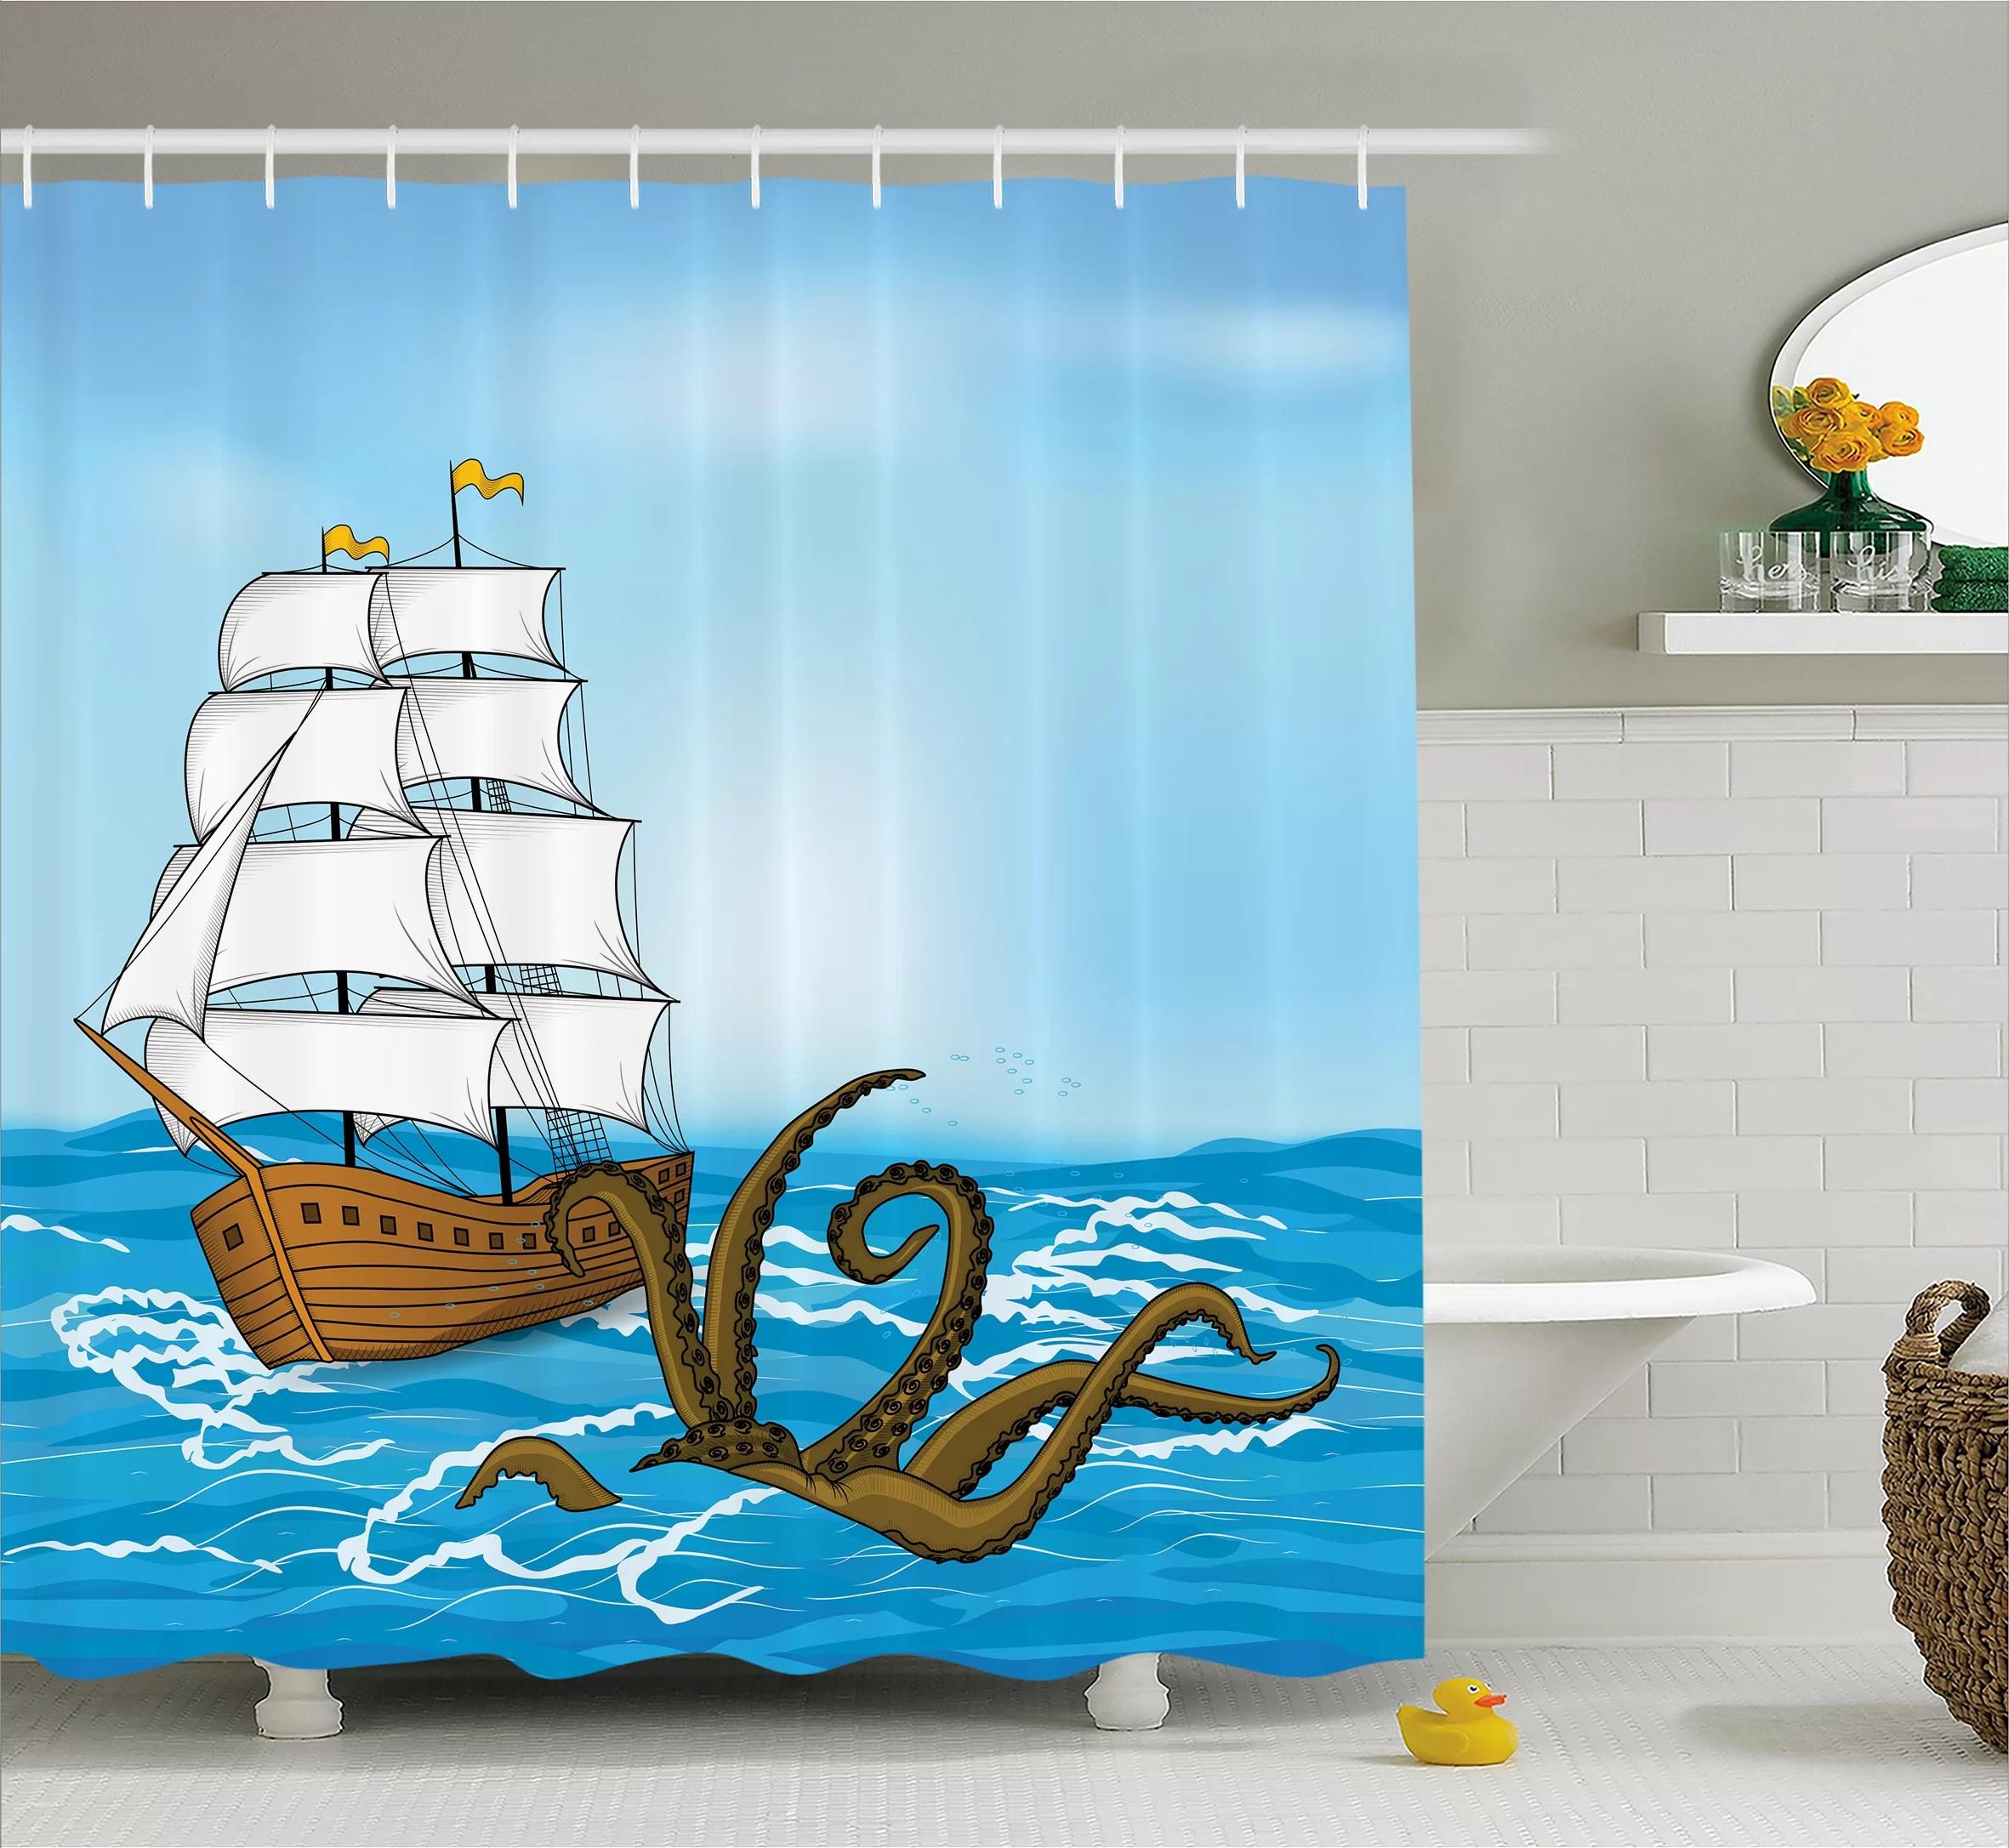 ocean ship in waves and kraken shower curtain hooks